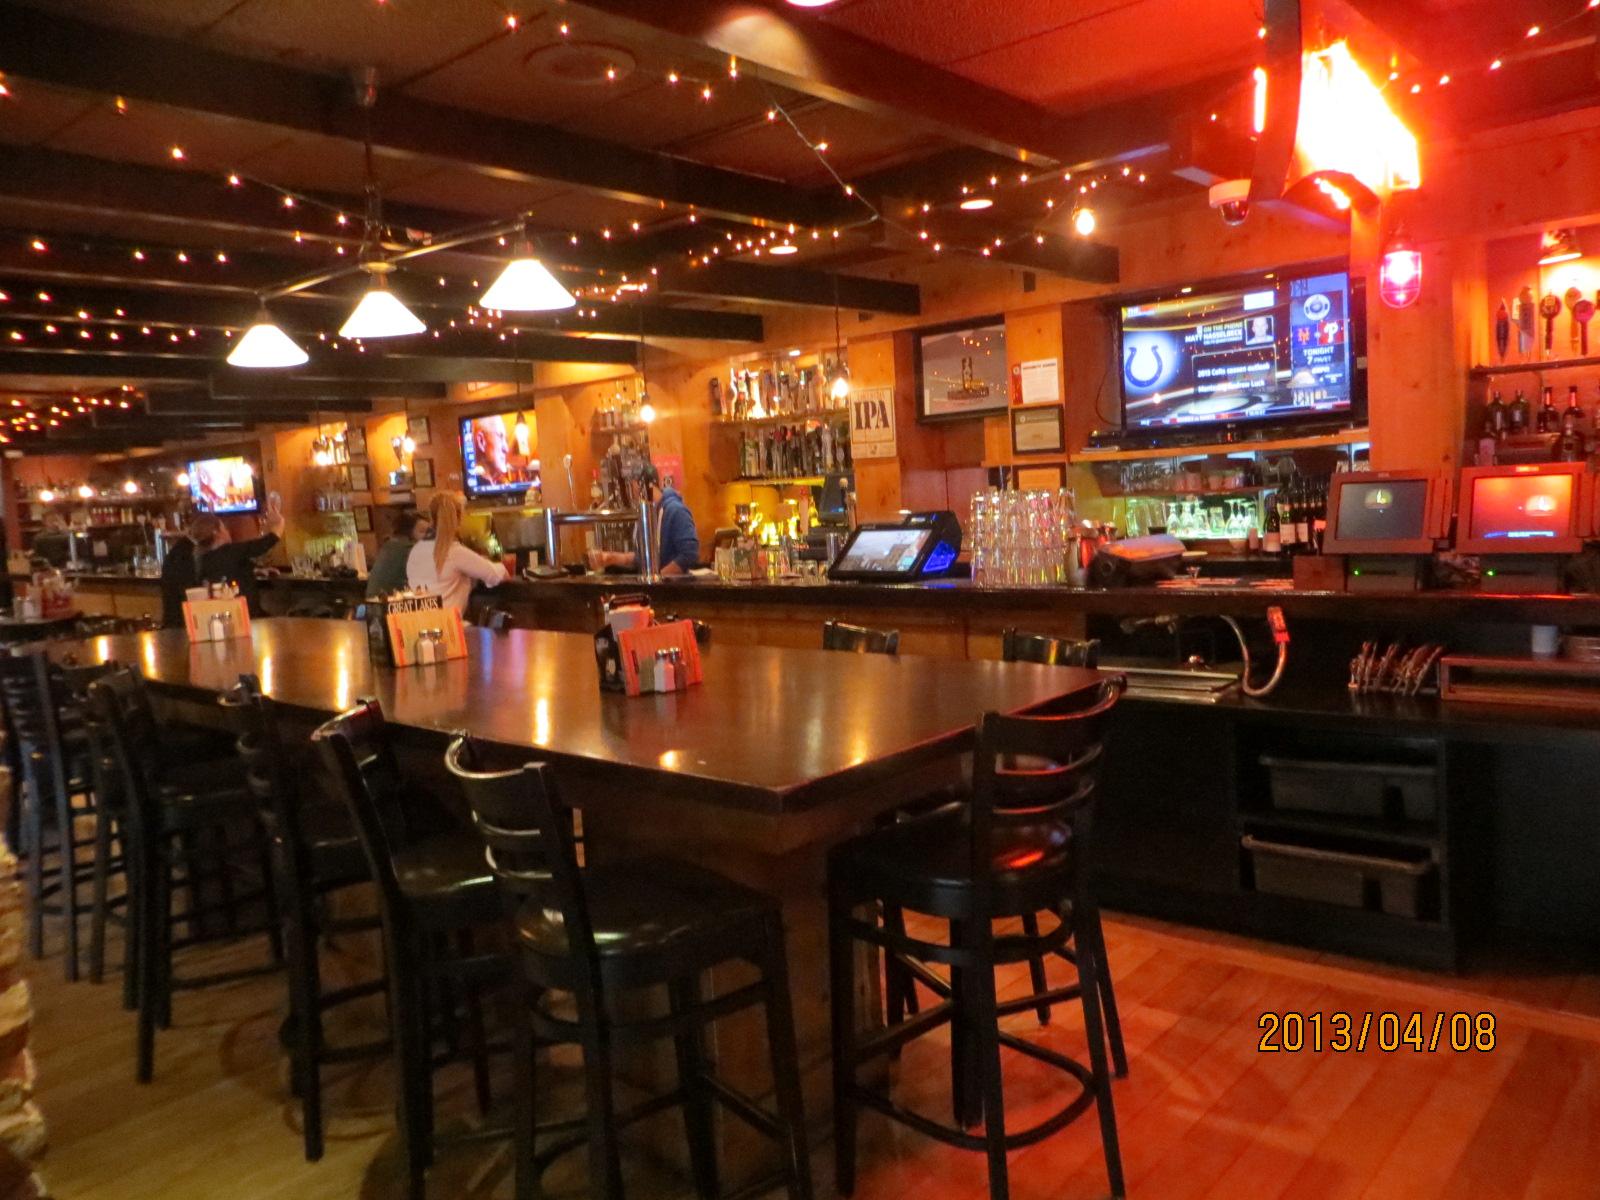 Jeeps Pubs Taverns And Bars Jake Melnick S Corner Tap